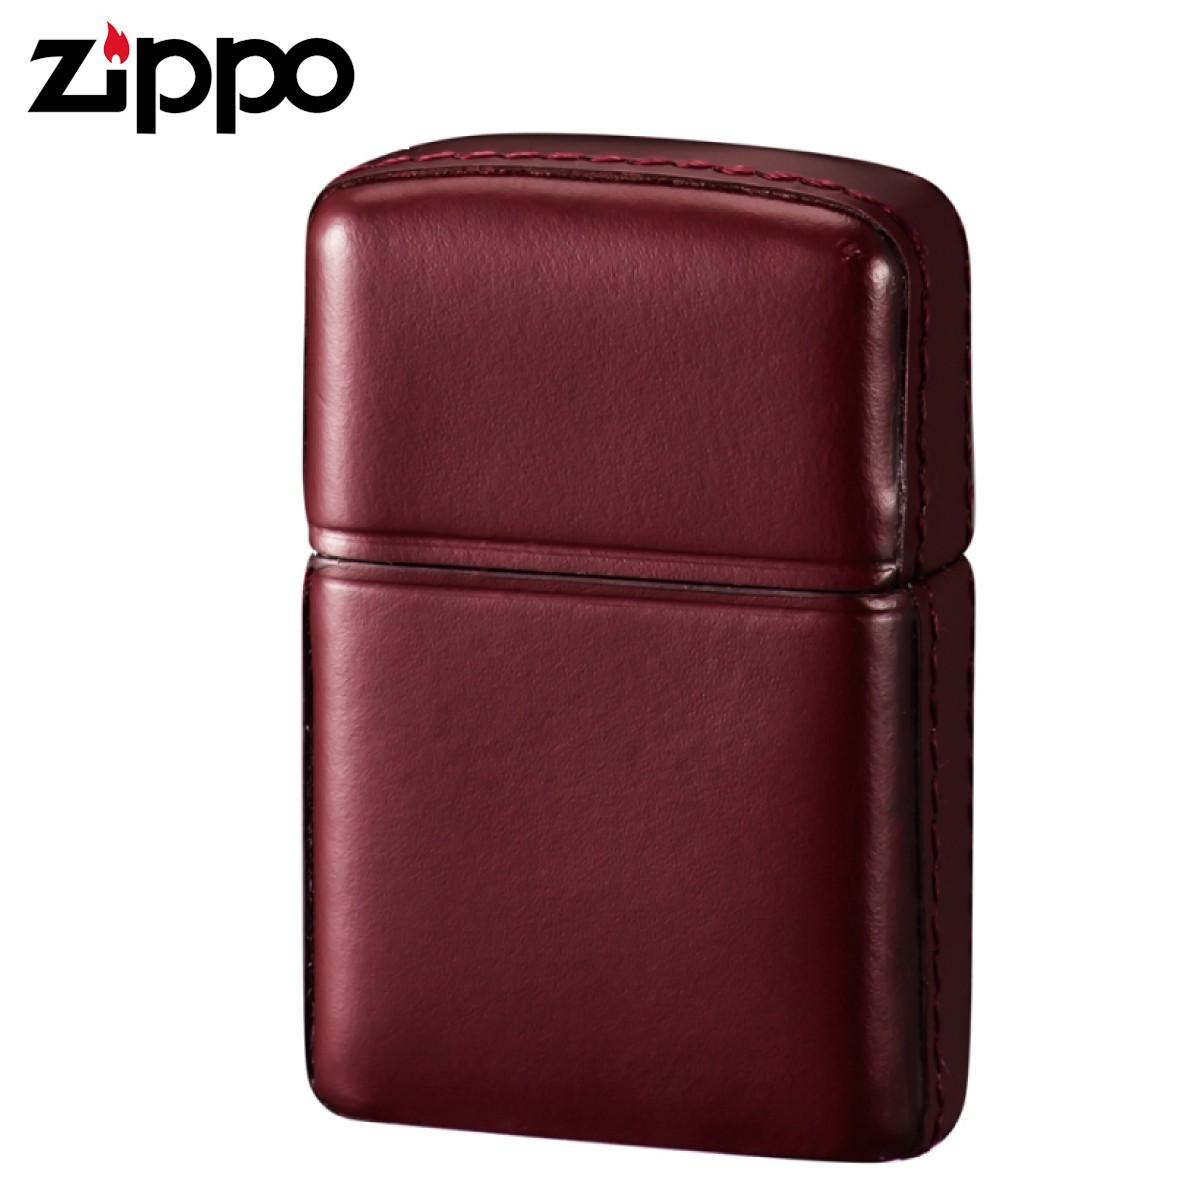 zippo ジッポーライター 松阪牛レザー ワインレッド ギフト プレゼント 贈り物 返品不可 オイルライター ジッポライター メンズ レディース 男性用 女性用 喫煙具